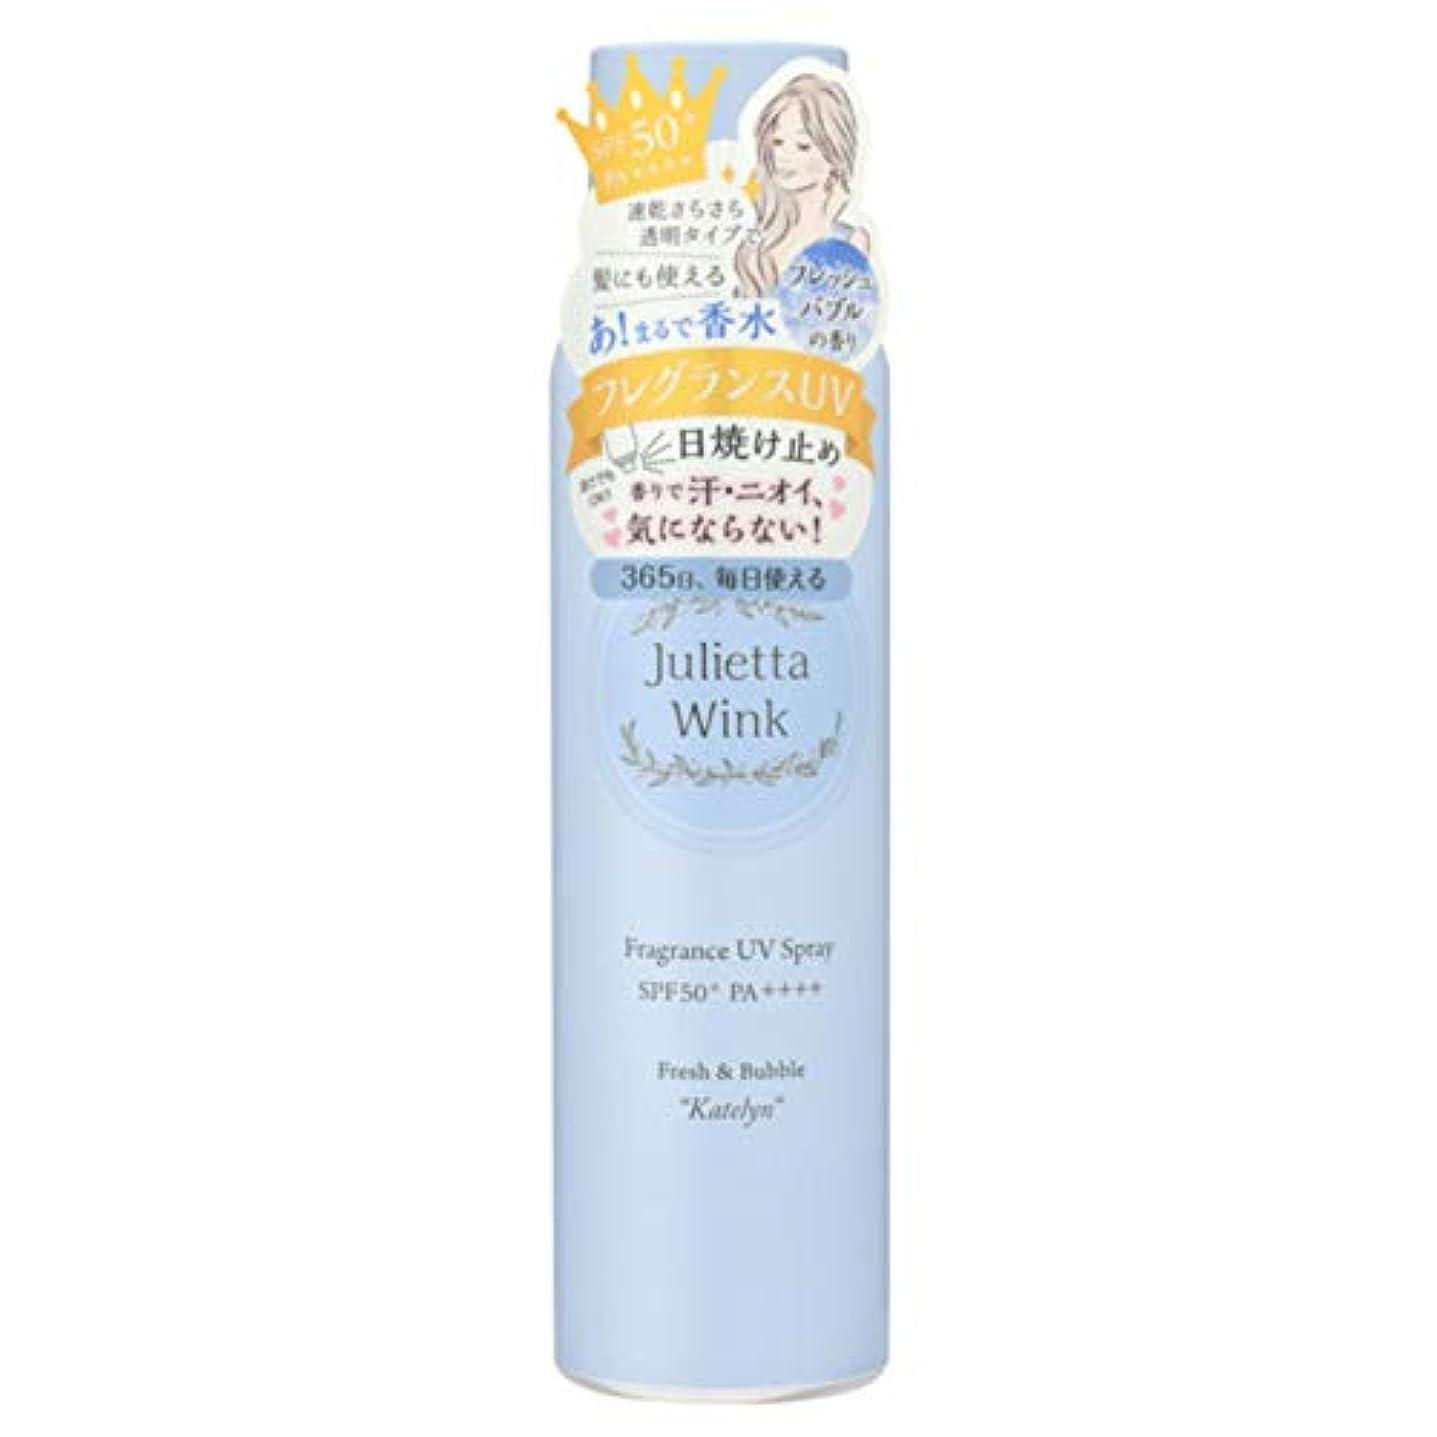 方法疑い者段階ジュリエッタウィンク フレグランス UVスプレー[ケイトリン]100g フレッシュバブルの香り(ブルー)